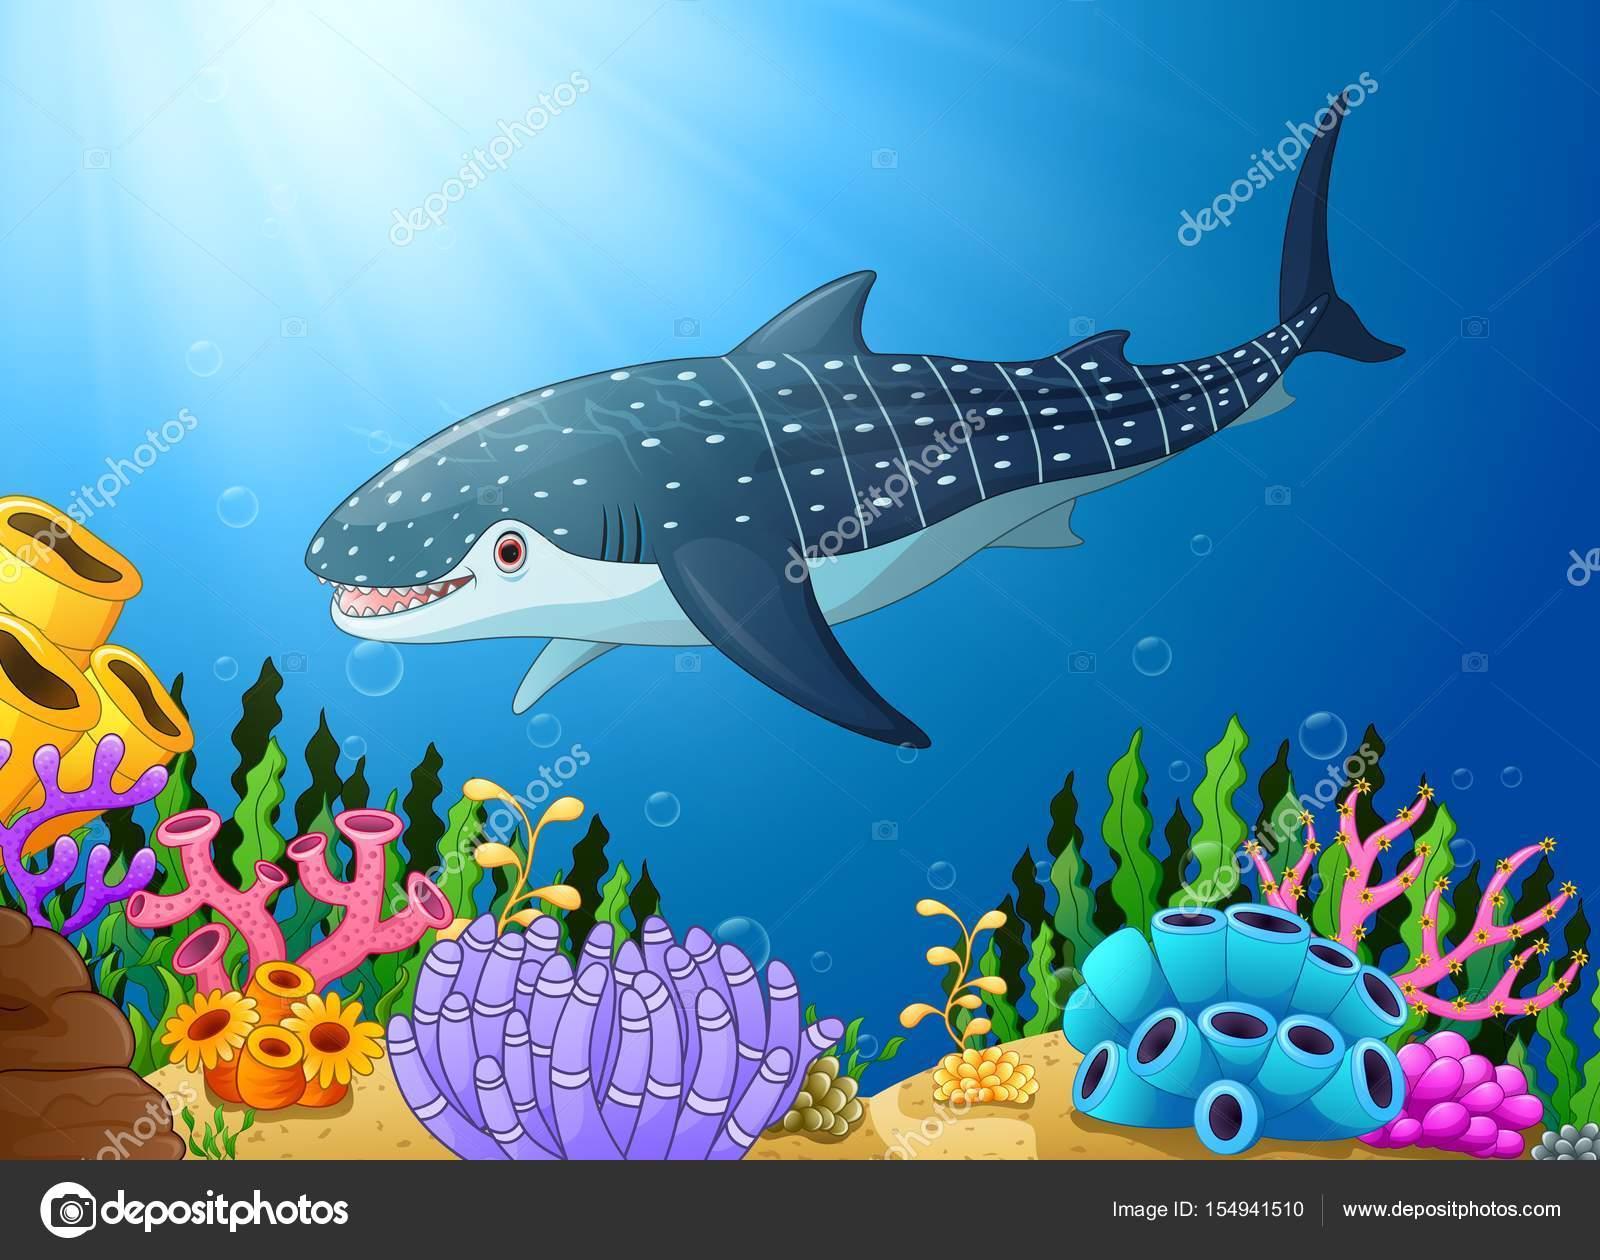 Requin baleine dessin anim dans la mer image - Requin baleine dessin ...